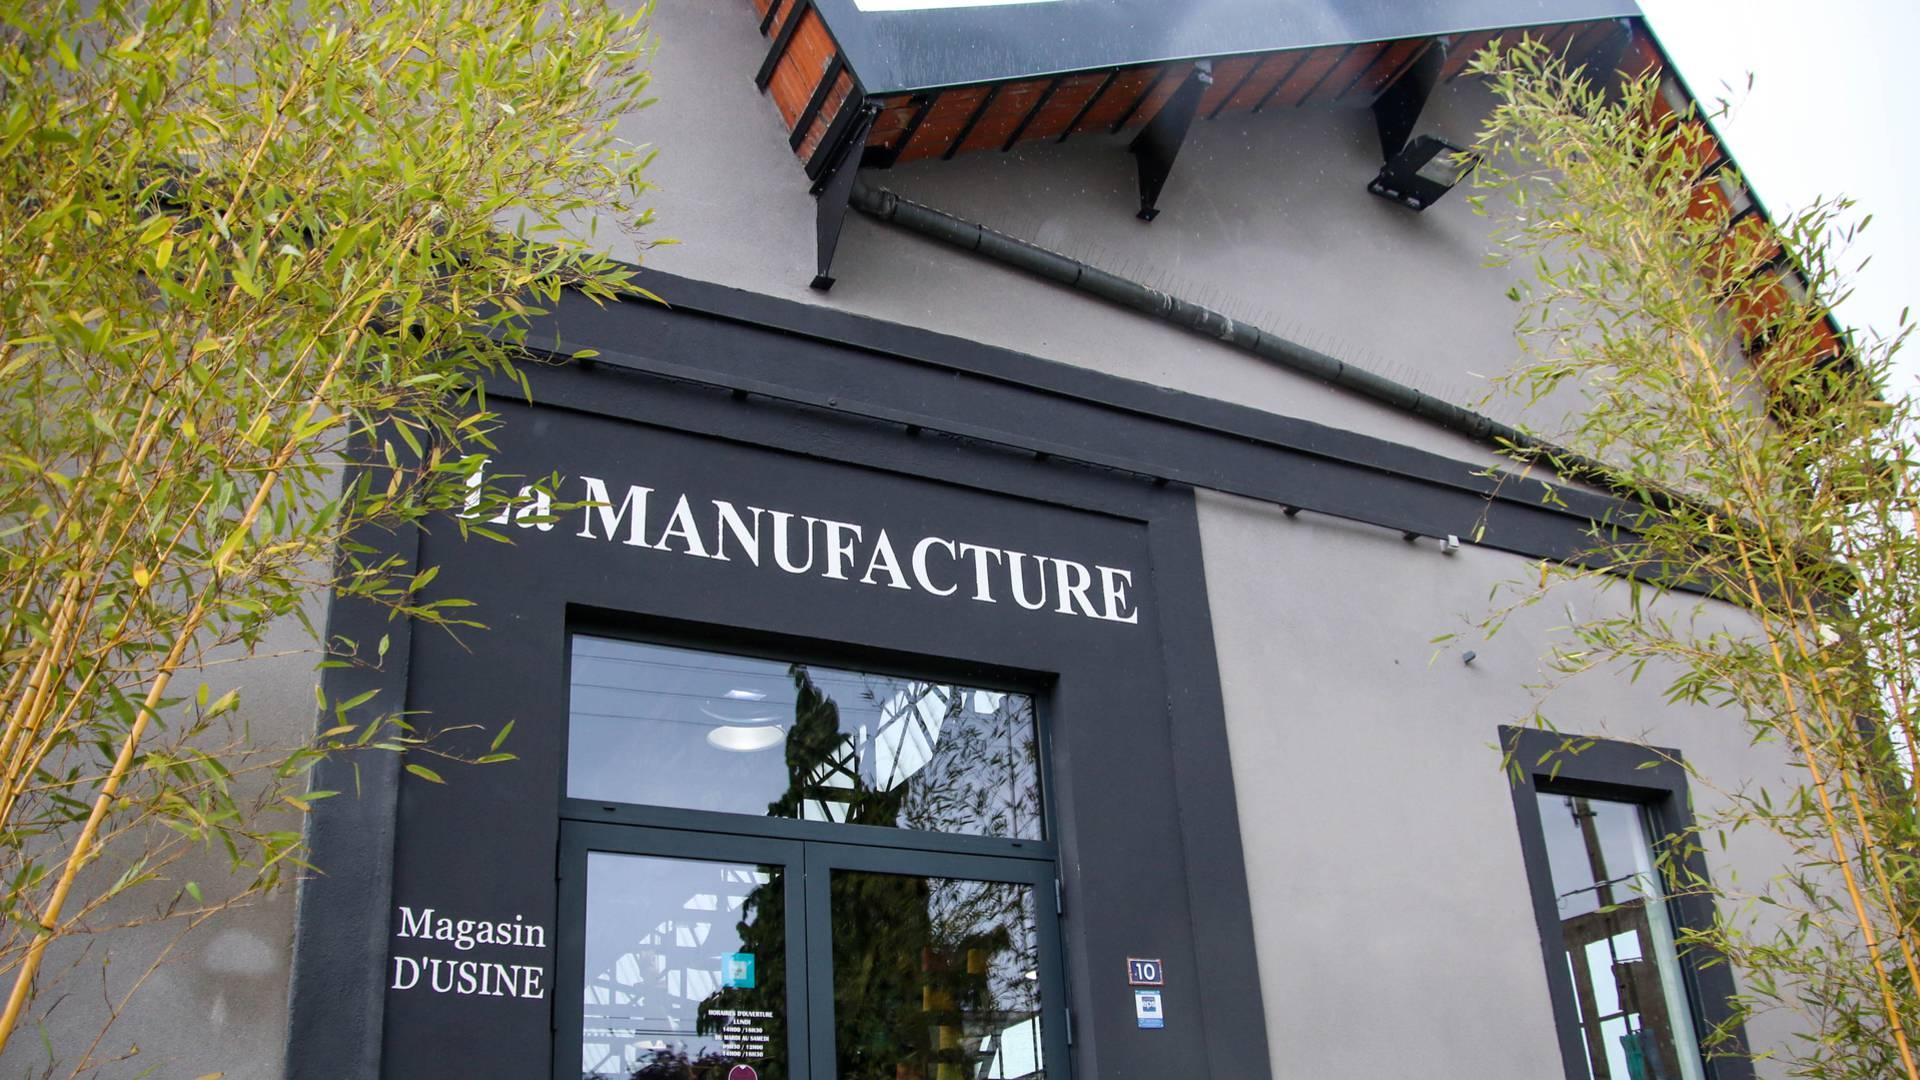 Entrée du magasin d'usine de la Manufacture Perrin, Montceau-les-Mines. © Lesley Williamson.